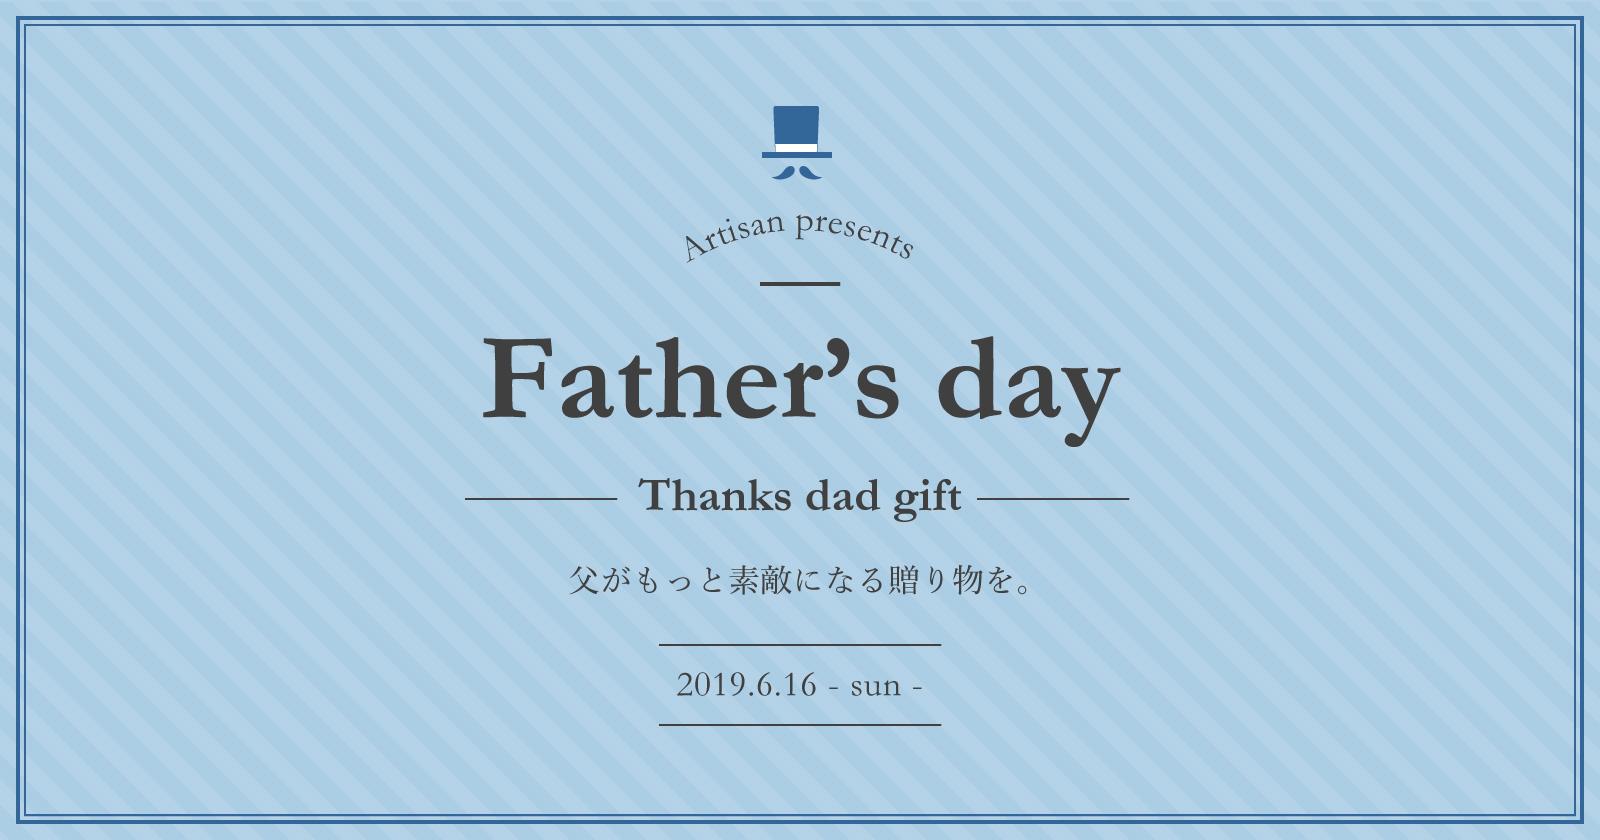 Father's day 父がもっと素敵になる贈り物を。